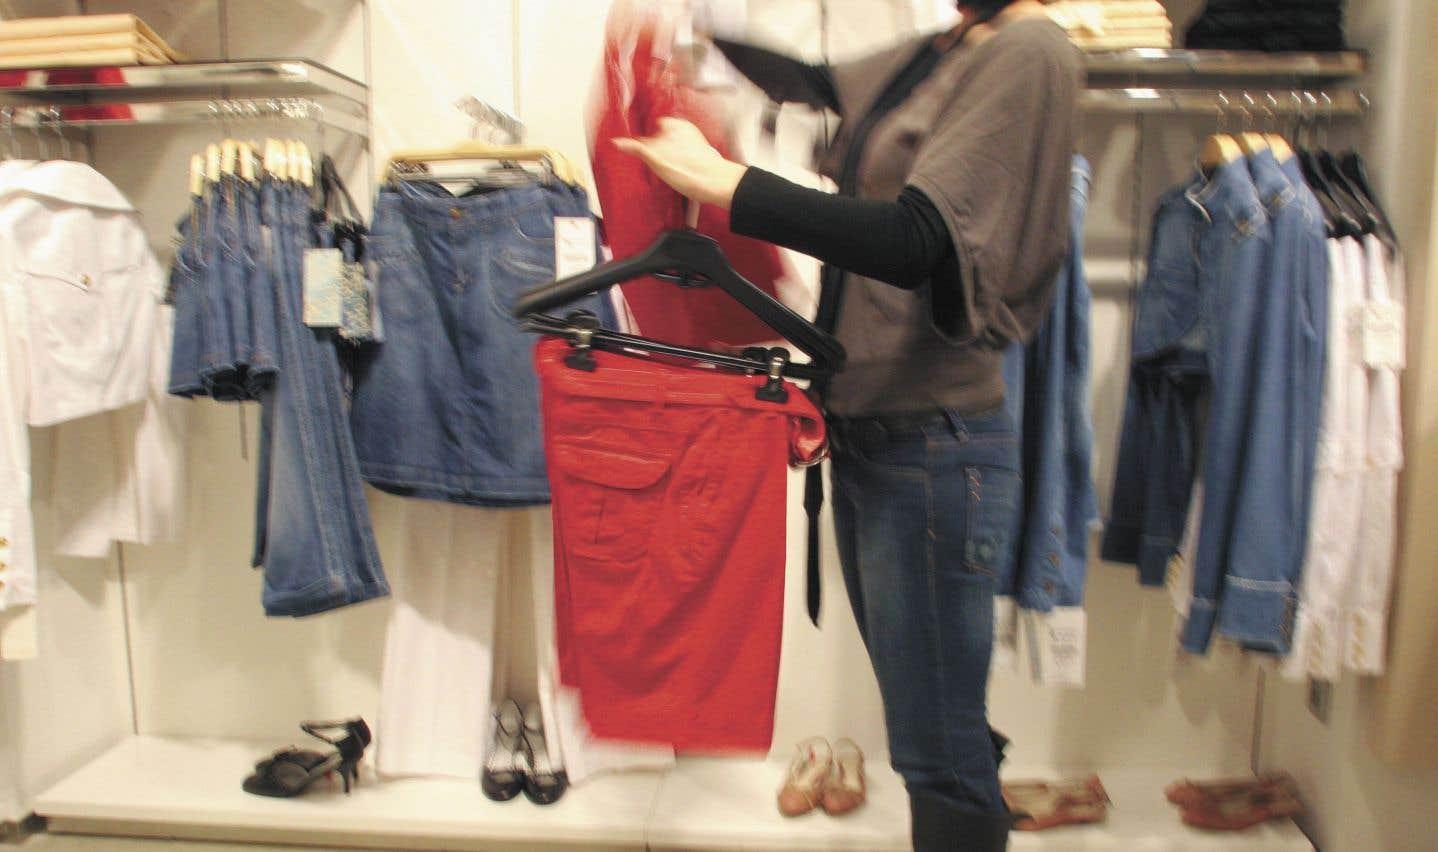 Dans un rapport, Greenpeace comptabilise 100milliards de morceaux de vêtements produits chaque année dans le monde. Une part de 30% de notre garde-robe ne serait presque jamais portée.